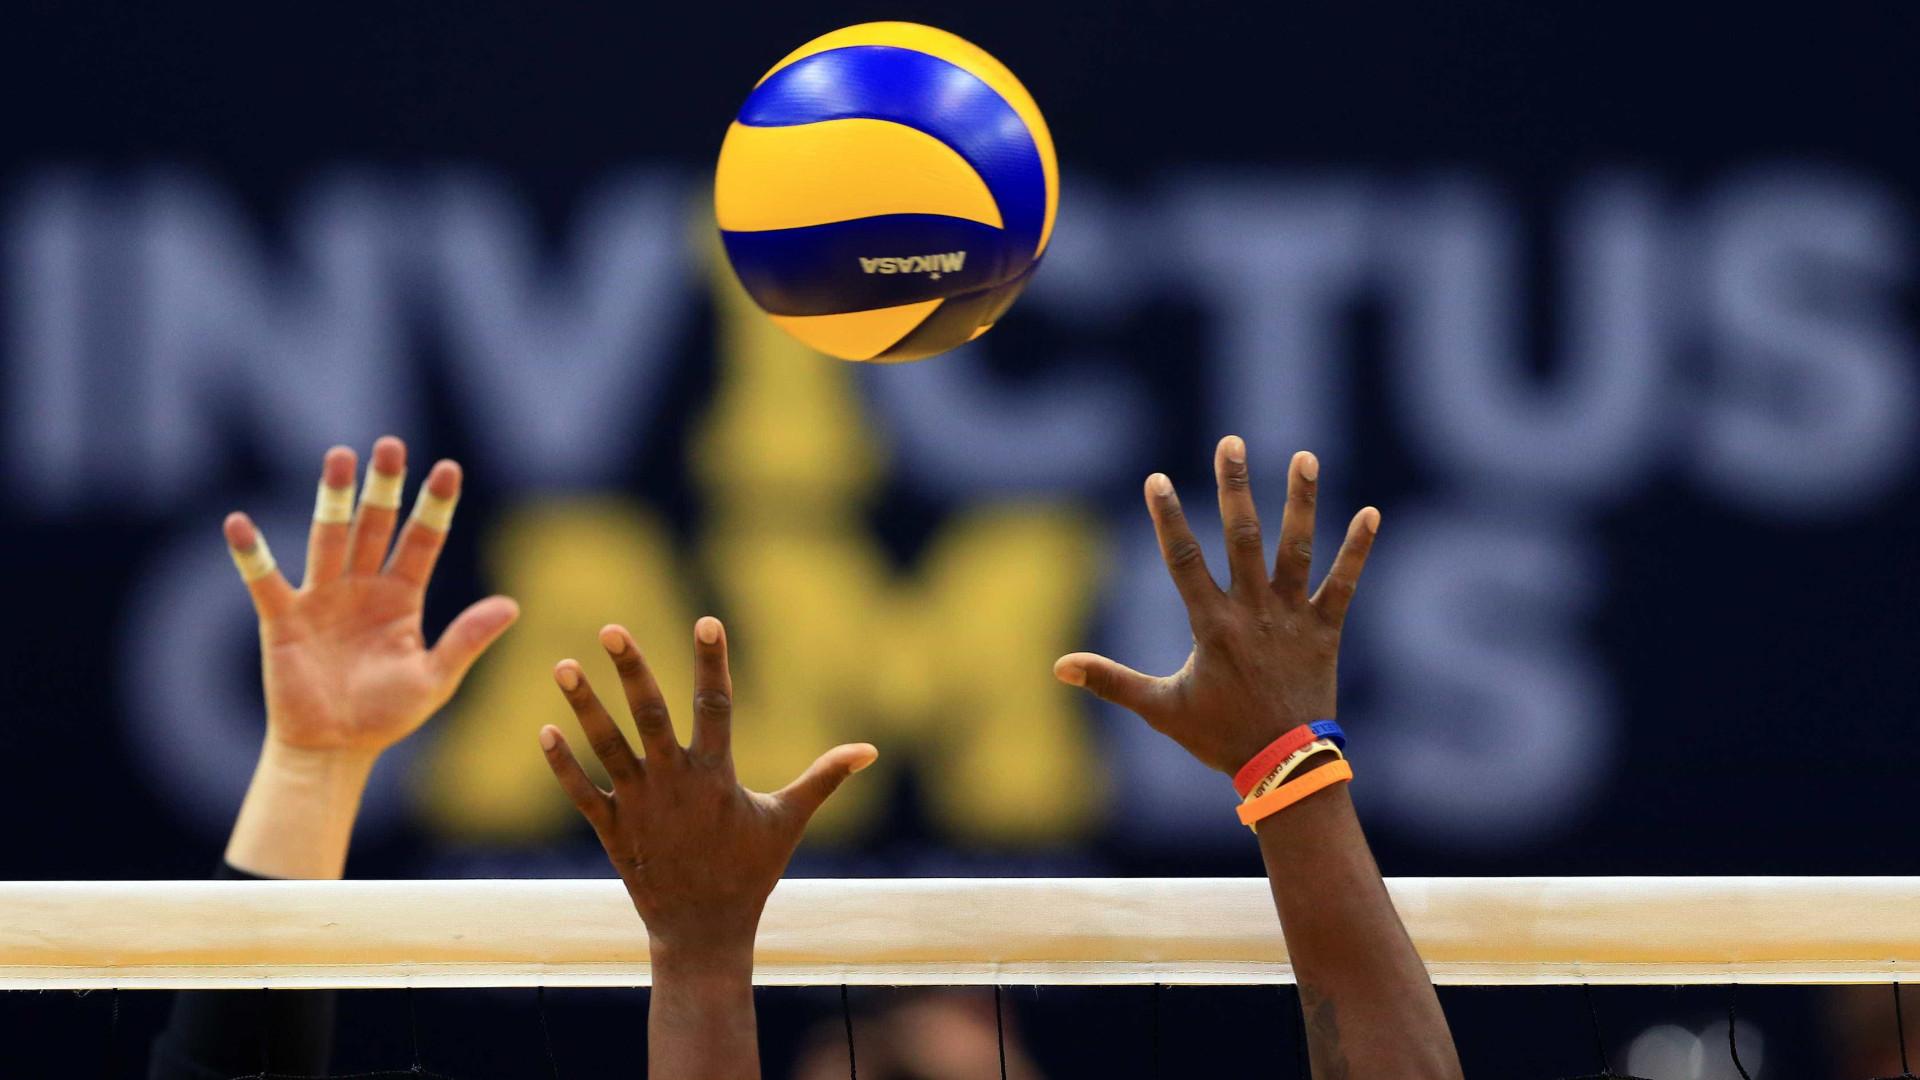 Voleibol: Sporting derrota Benfica em jogo de loucos